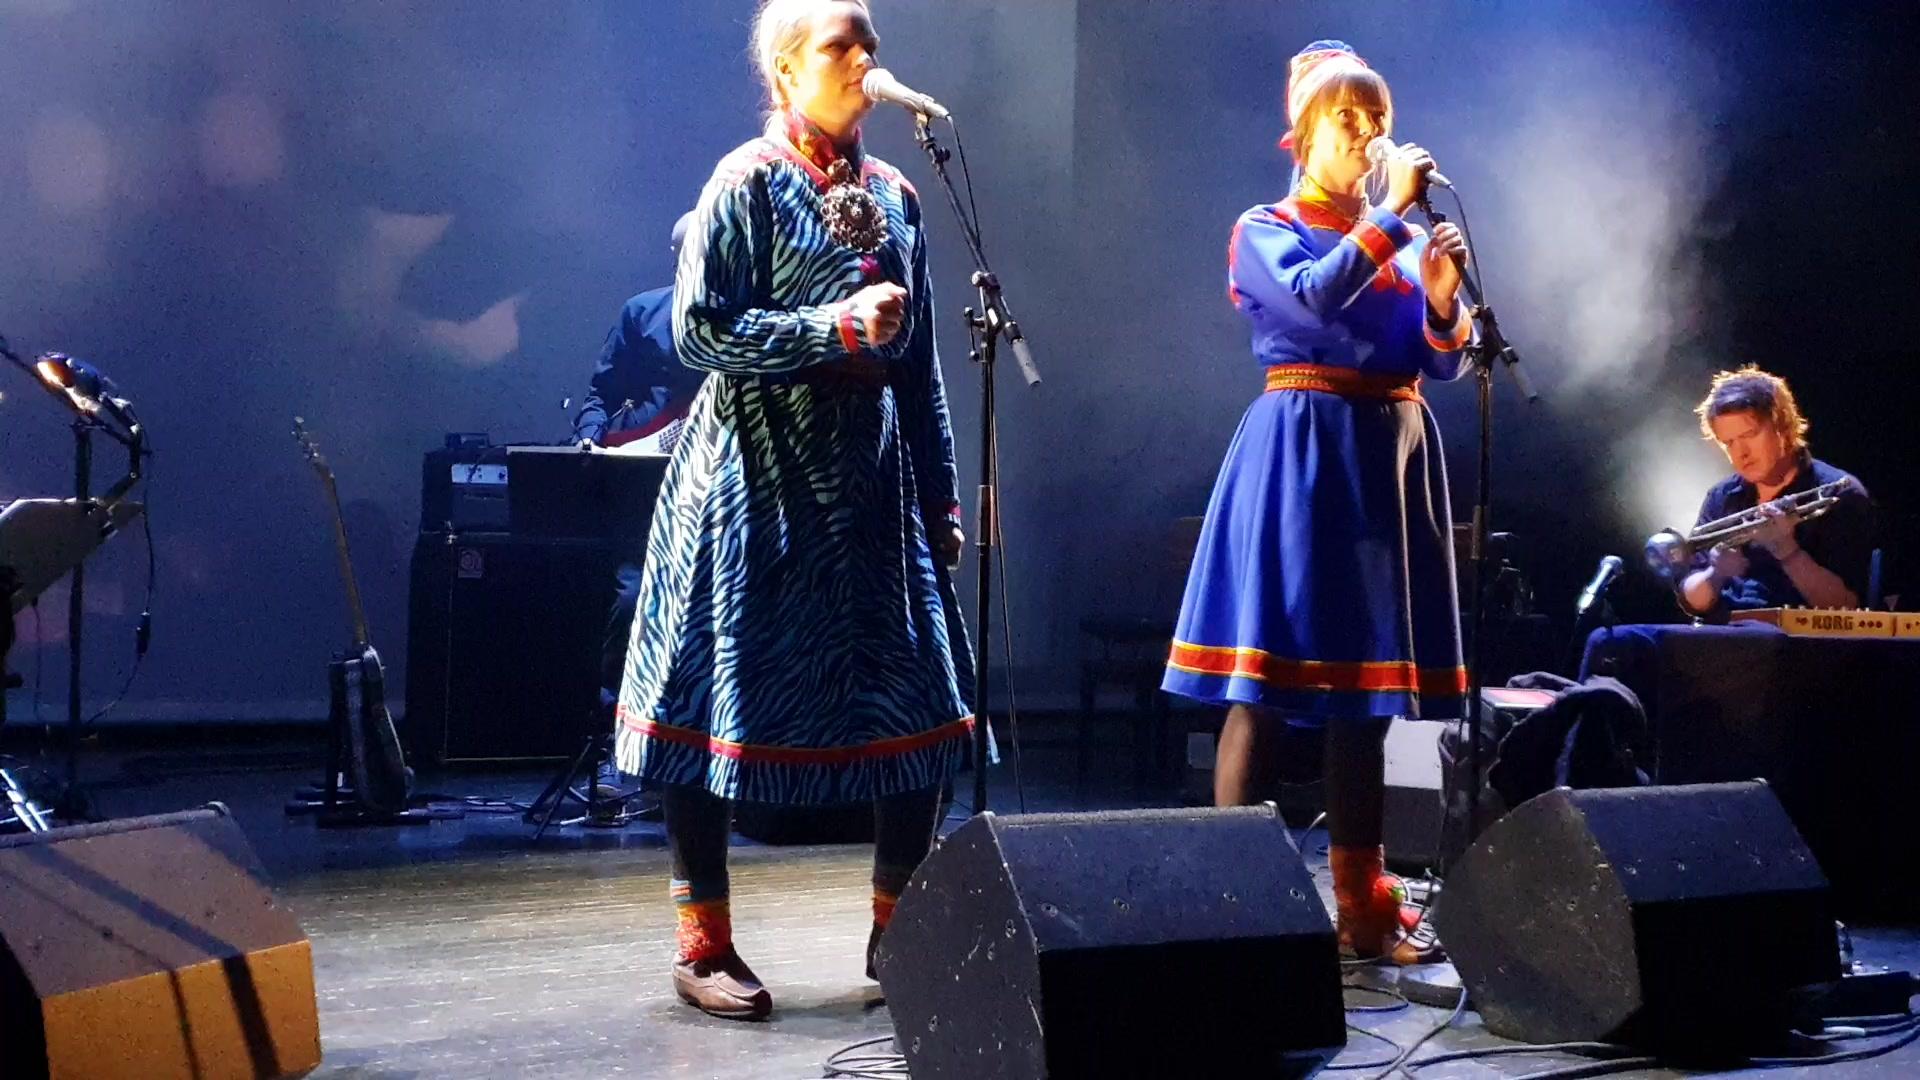 Ozas samisk festkonsert Oslo 2feb19